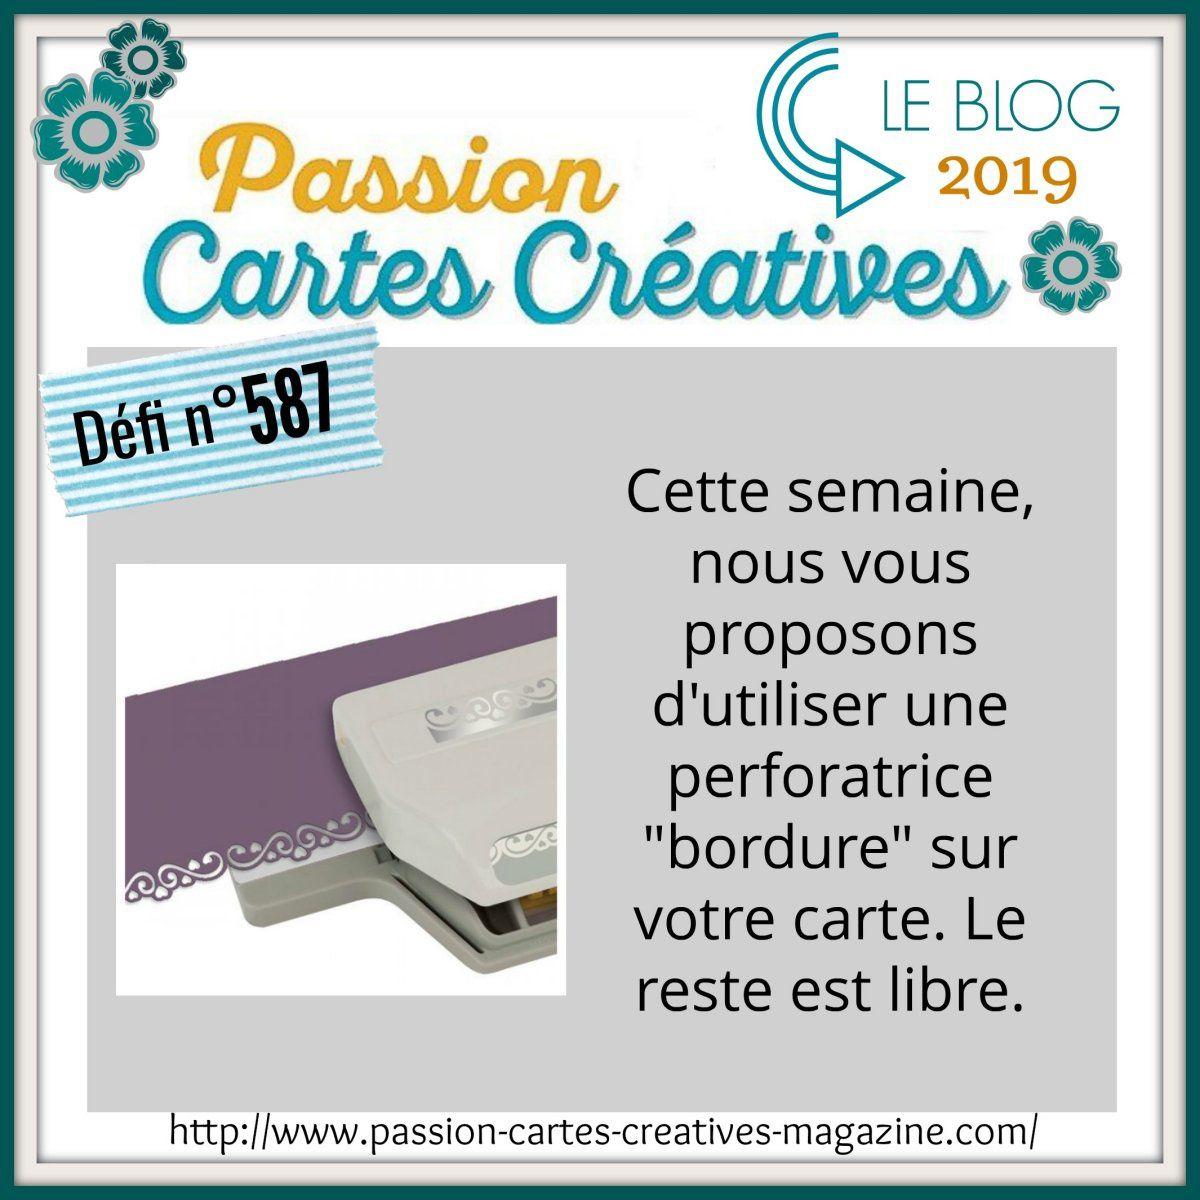 Défi 587 de Passion Cartes Créatives